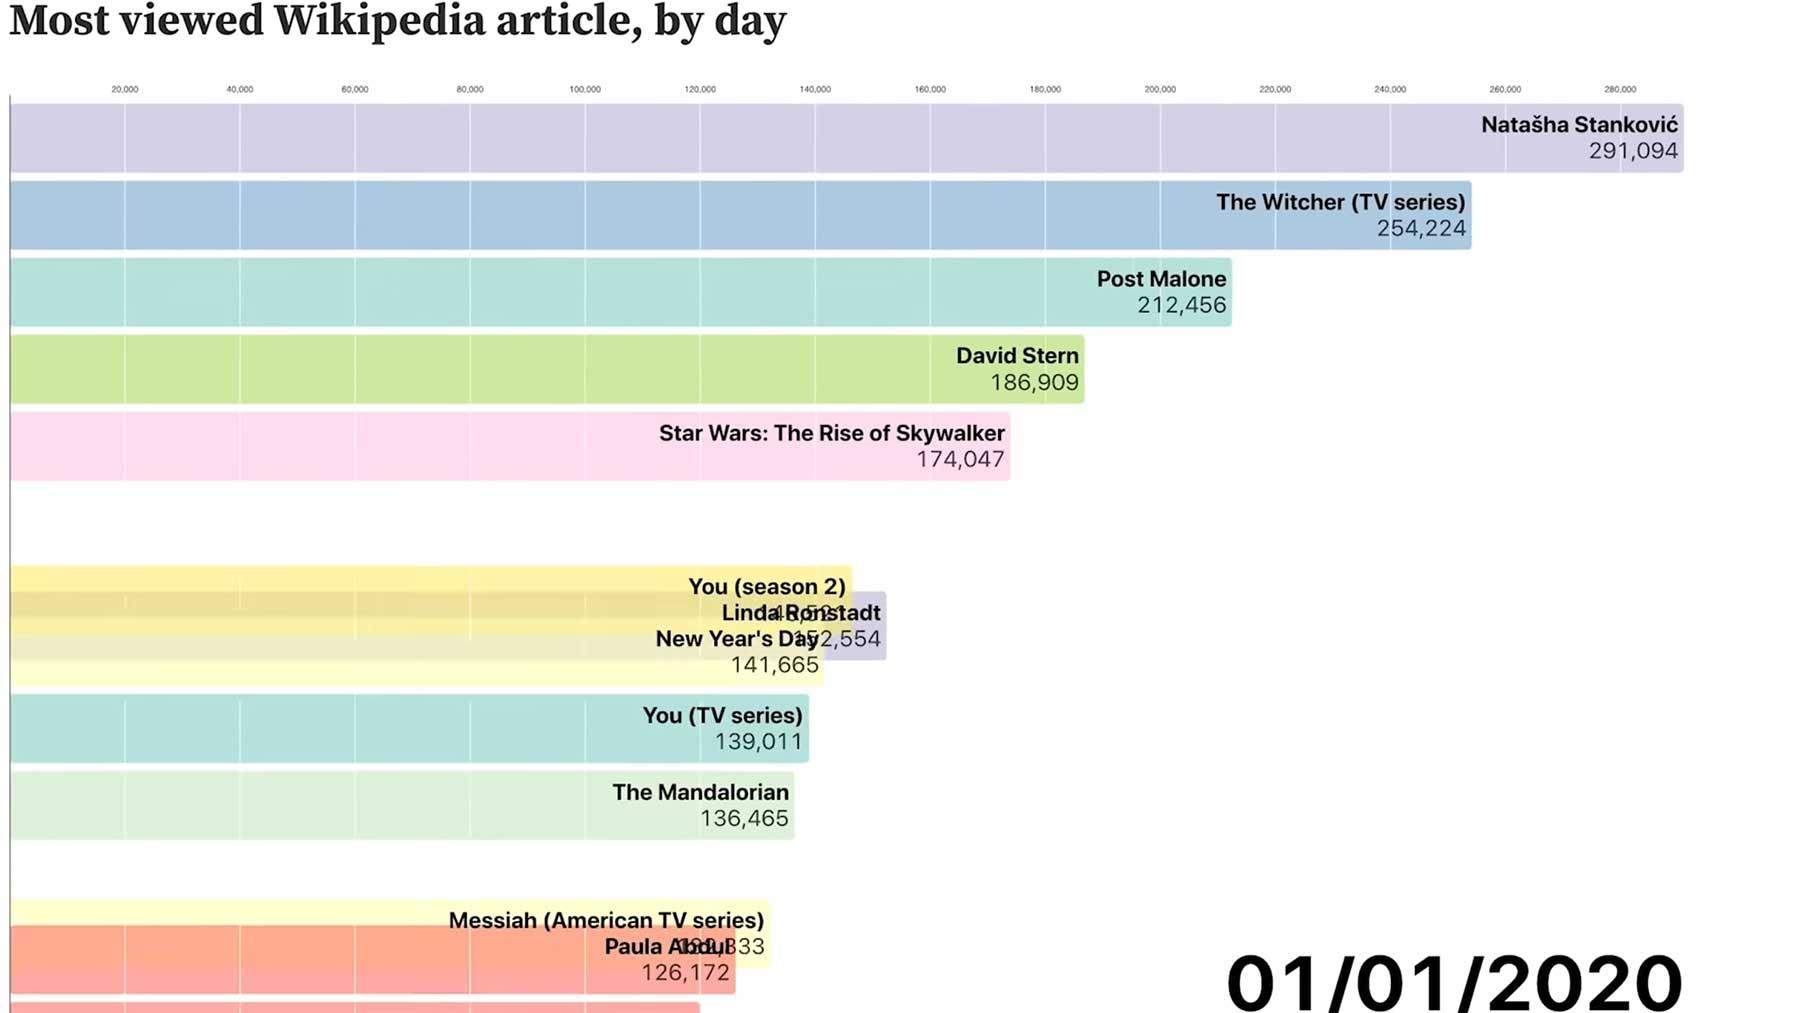 Die meistaufgerufenen Wikipedia-Artikel des ersten Halbjahres 2020